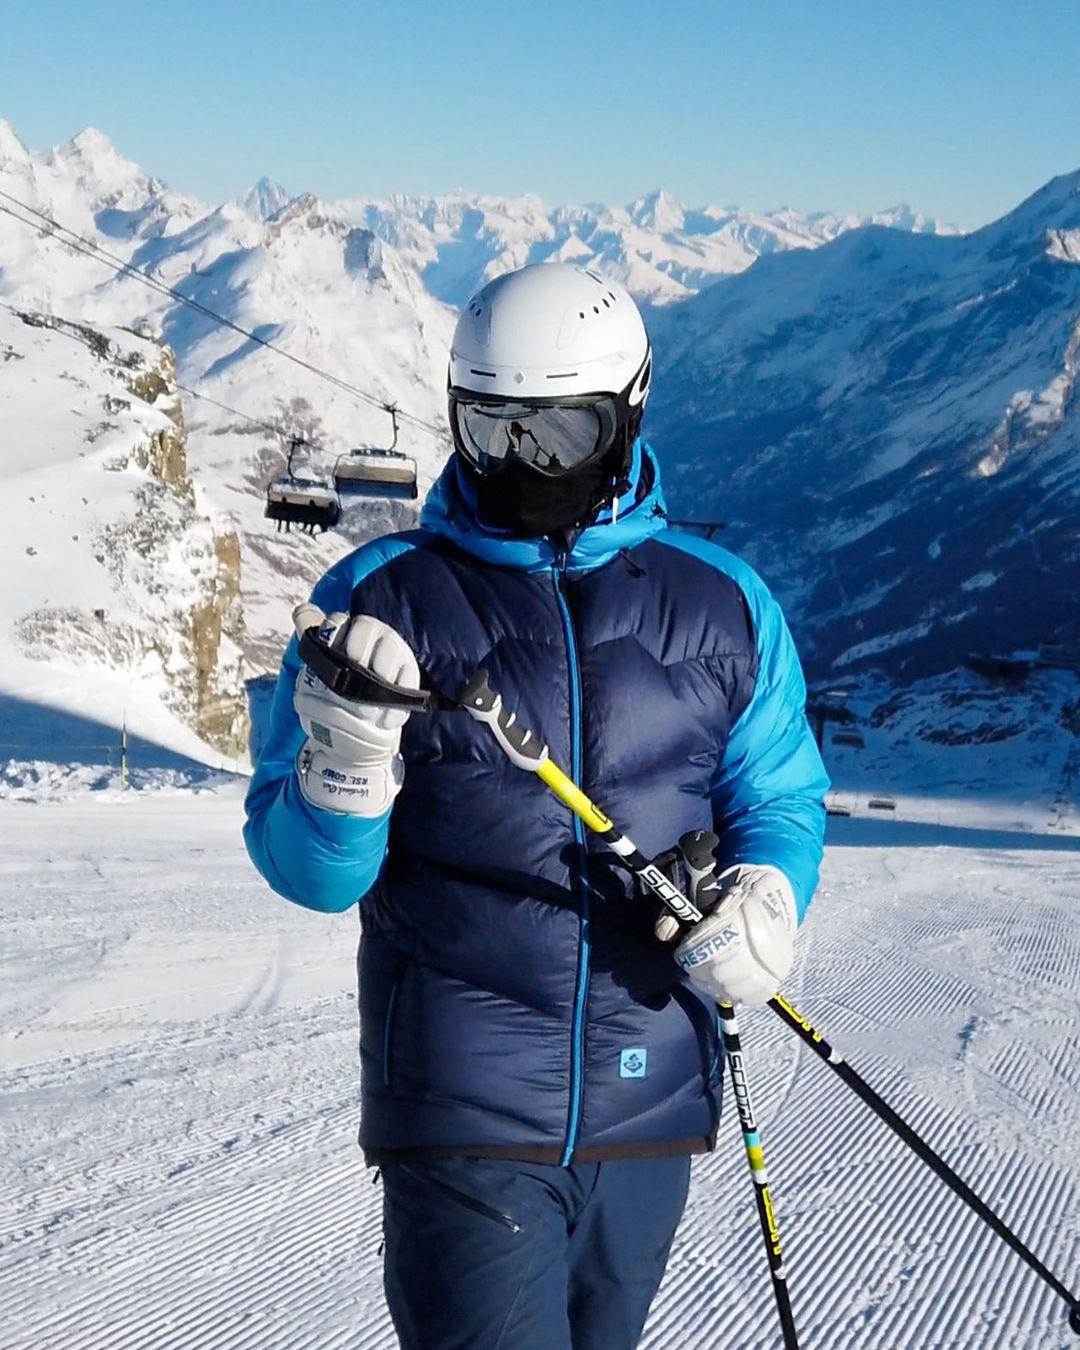 bermain ski salju zermatt